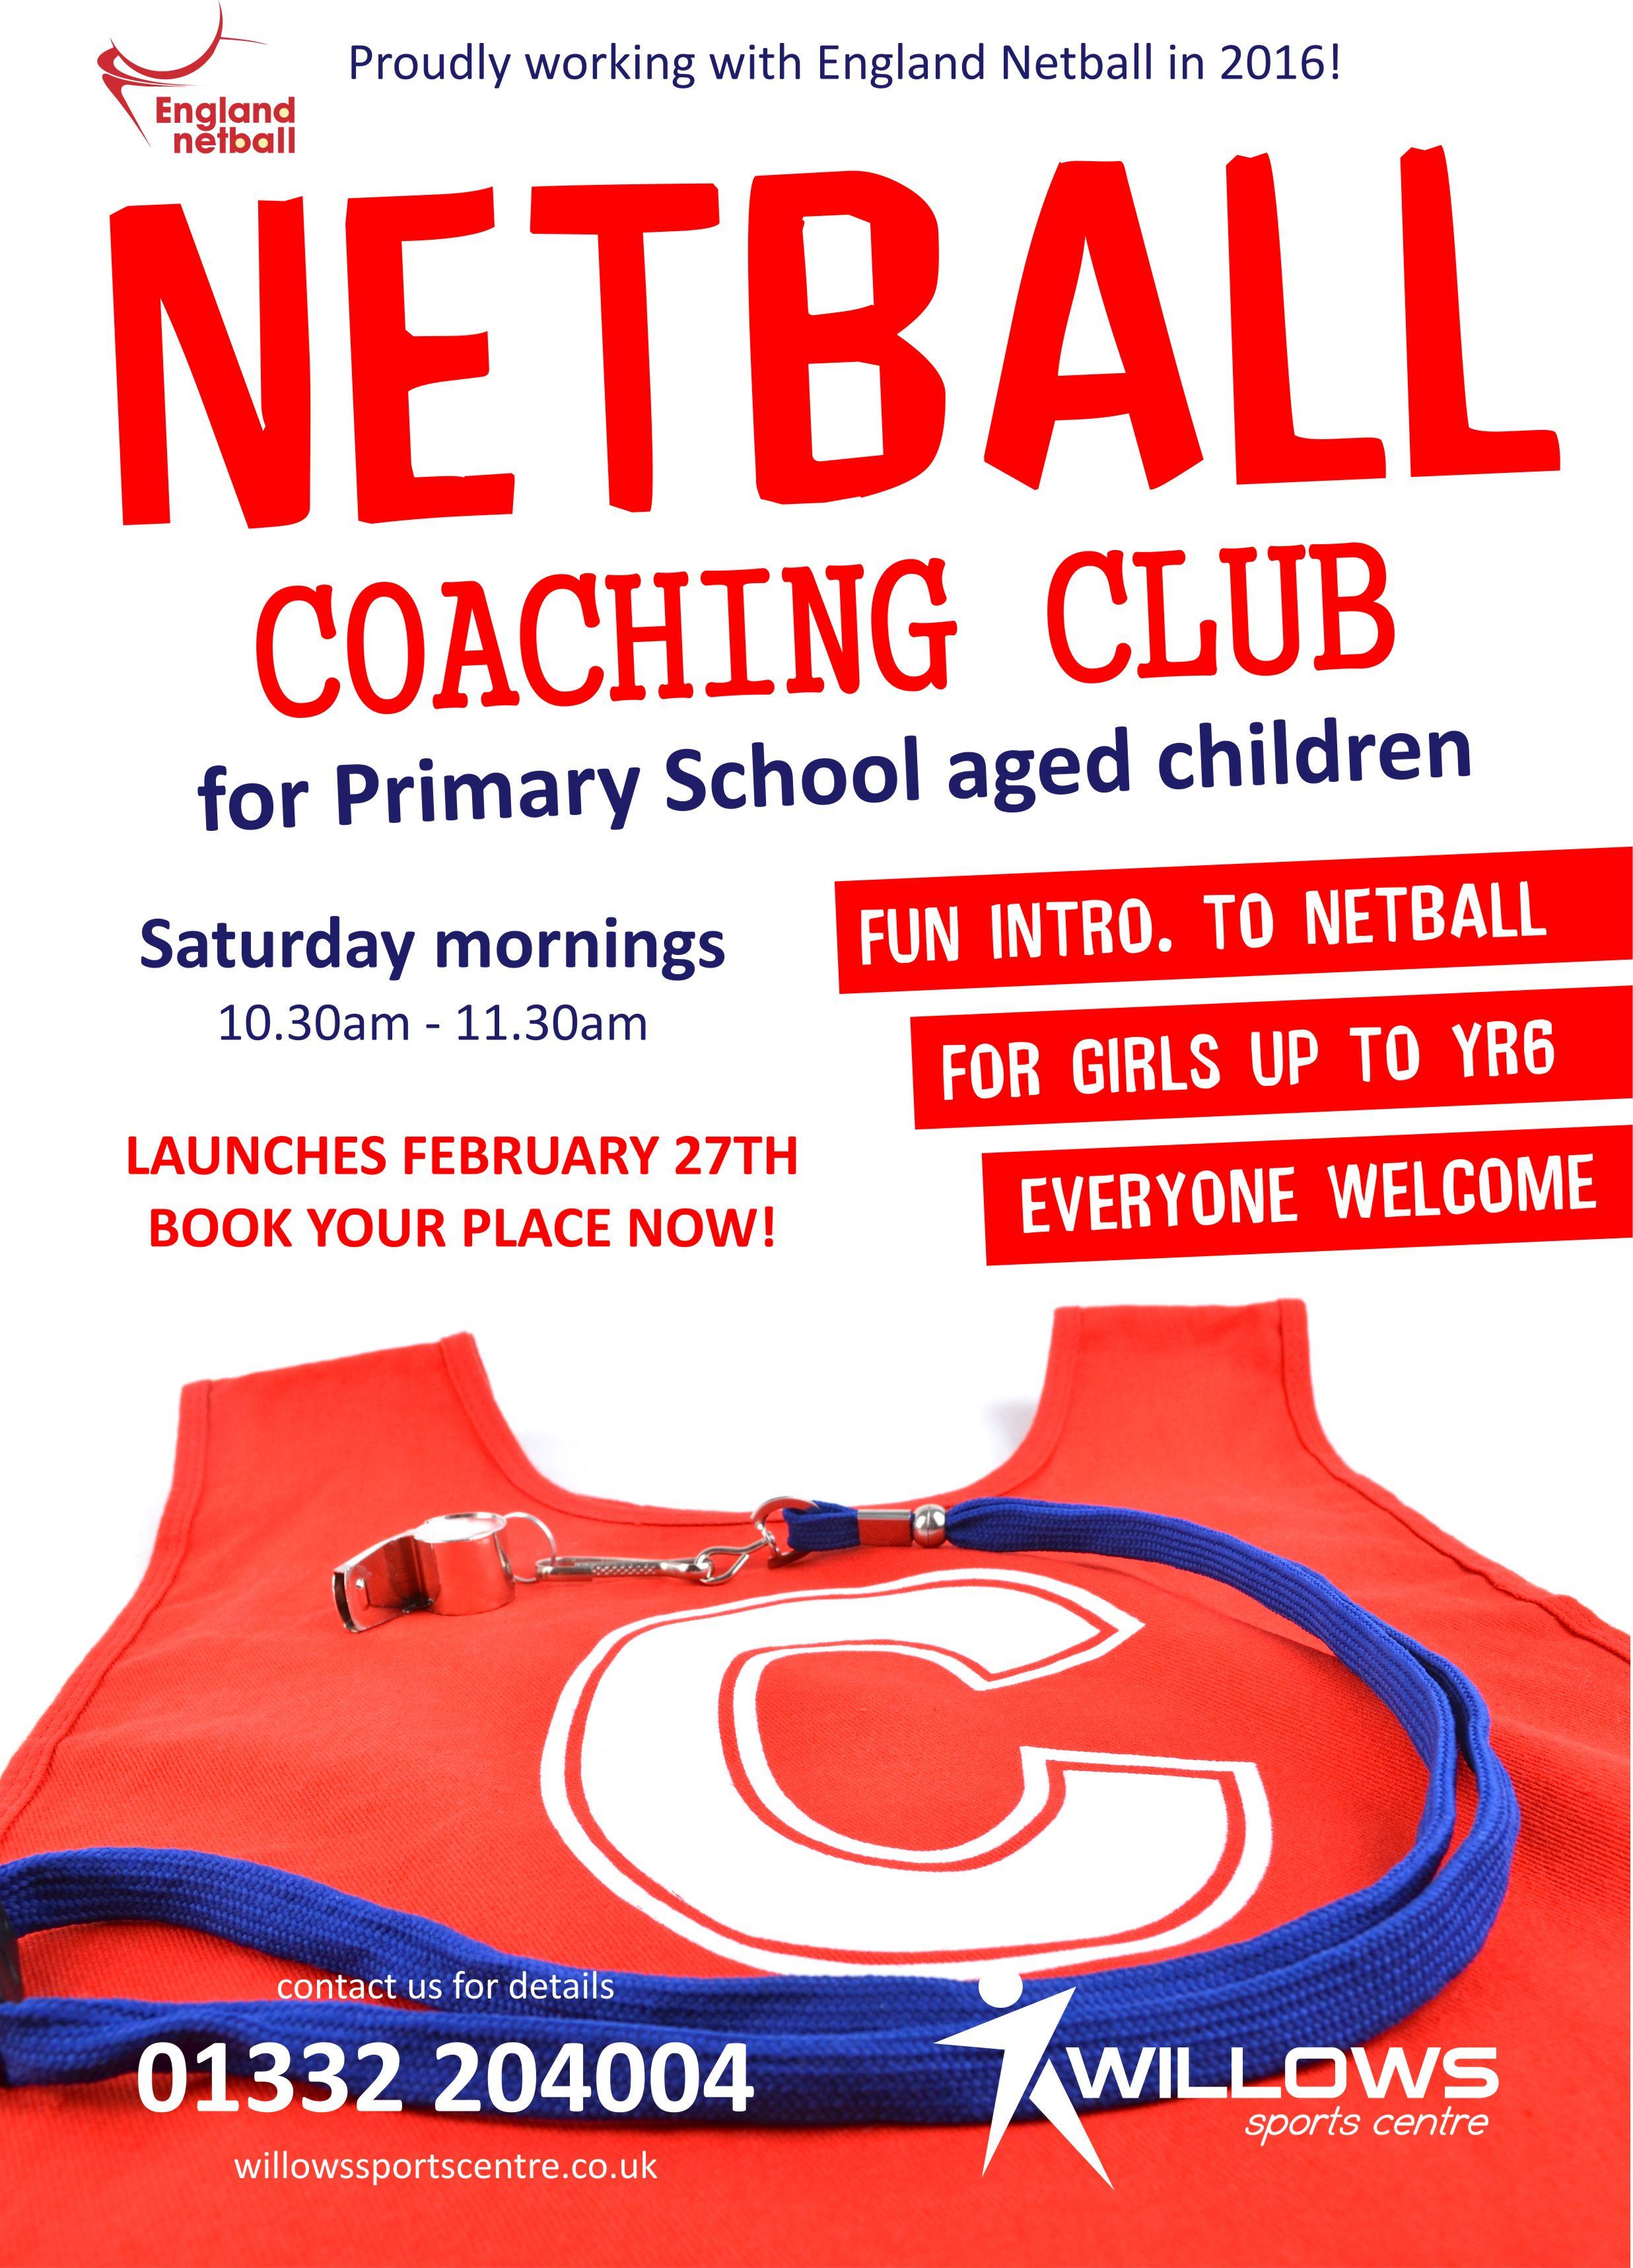 Netball Coaching Club